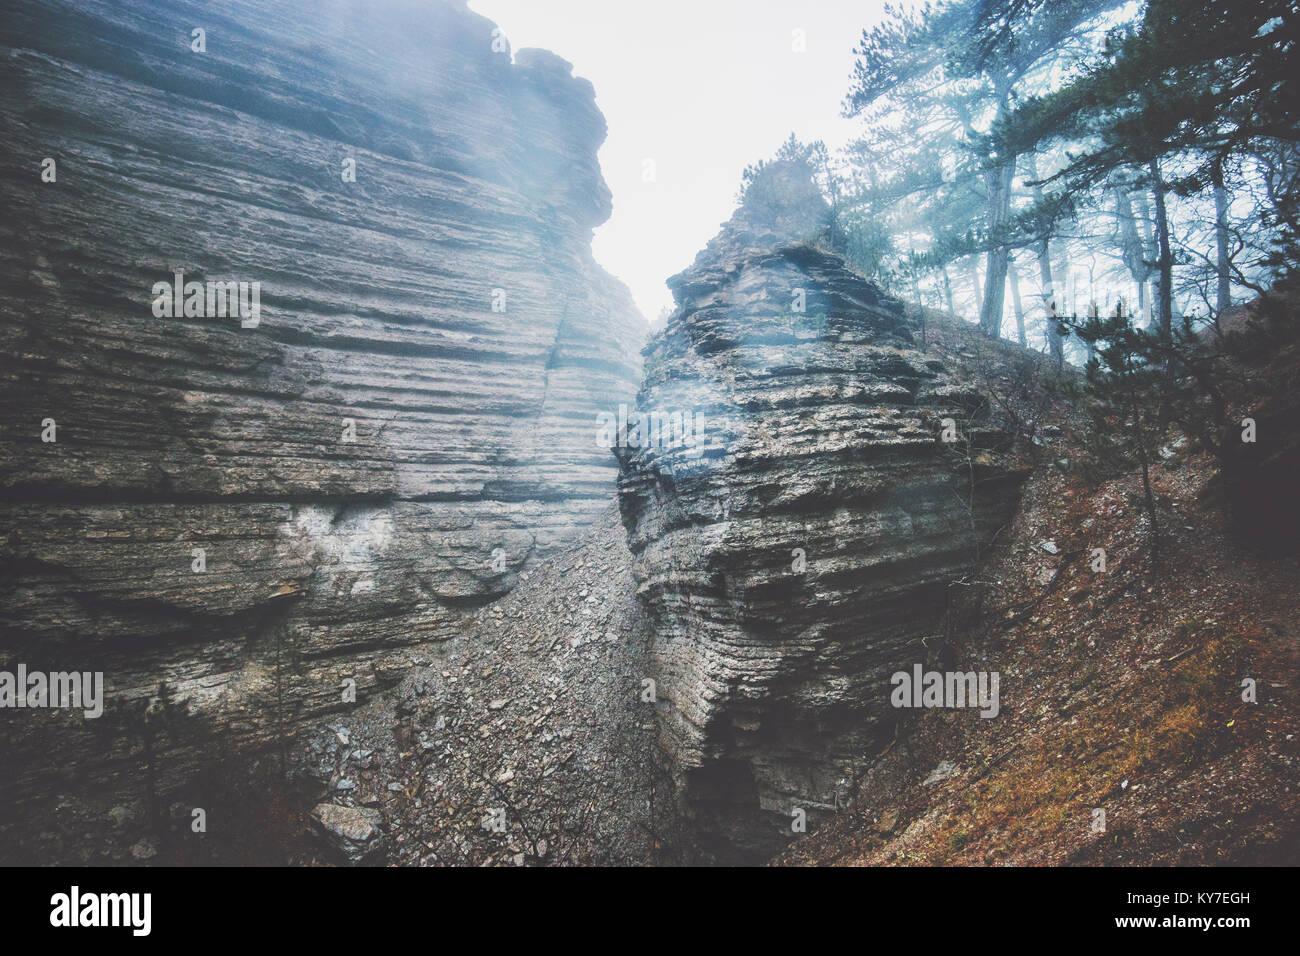 Las Montañas Rocosas y el bosque neblinoso paisaje escénico viaje vista paisaje sereno día lluvioso Imagen De Stock